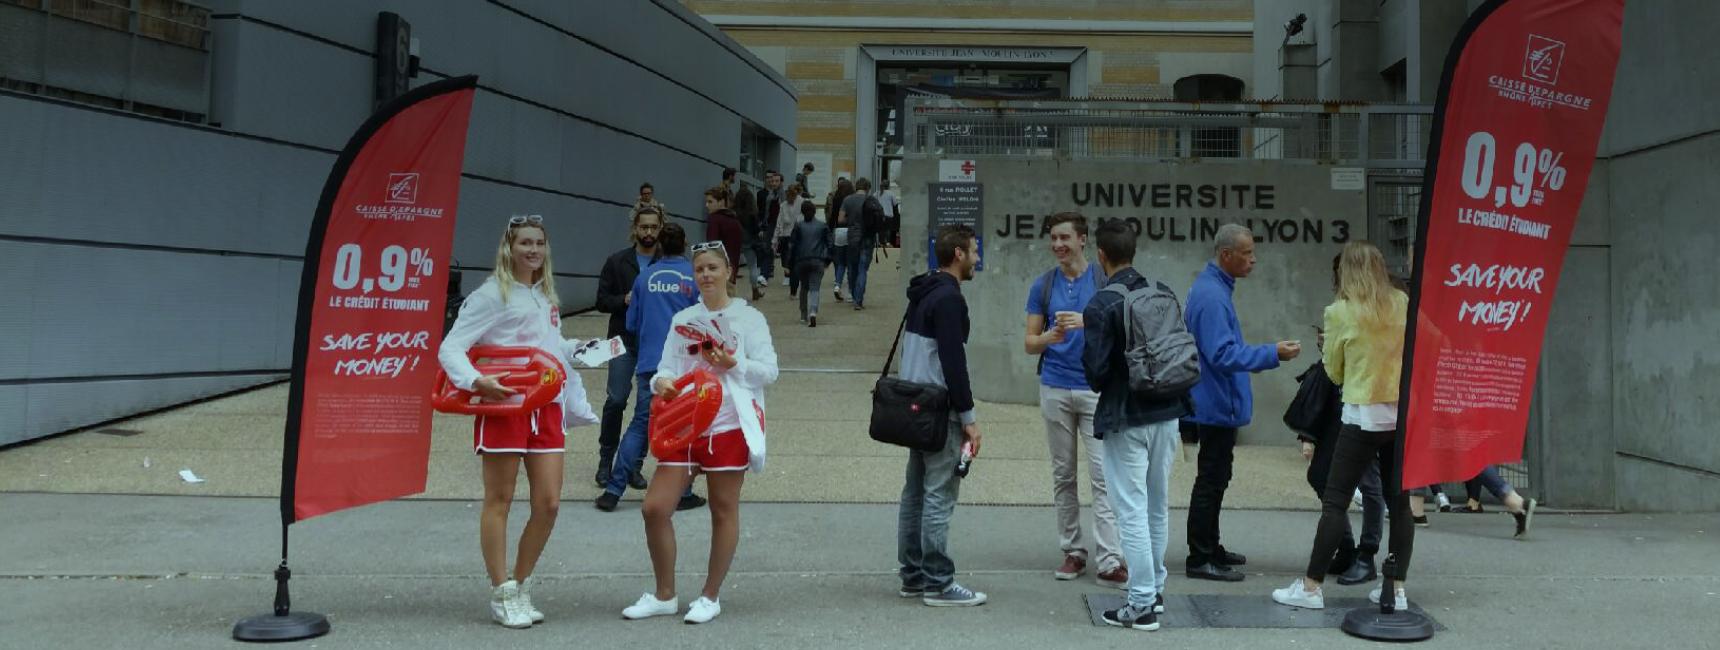 Campus Media, communiquez aupres des etudiants - Keemia Bordeaux Agence marketing local en région Aquitaine